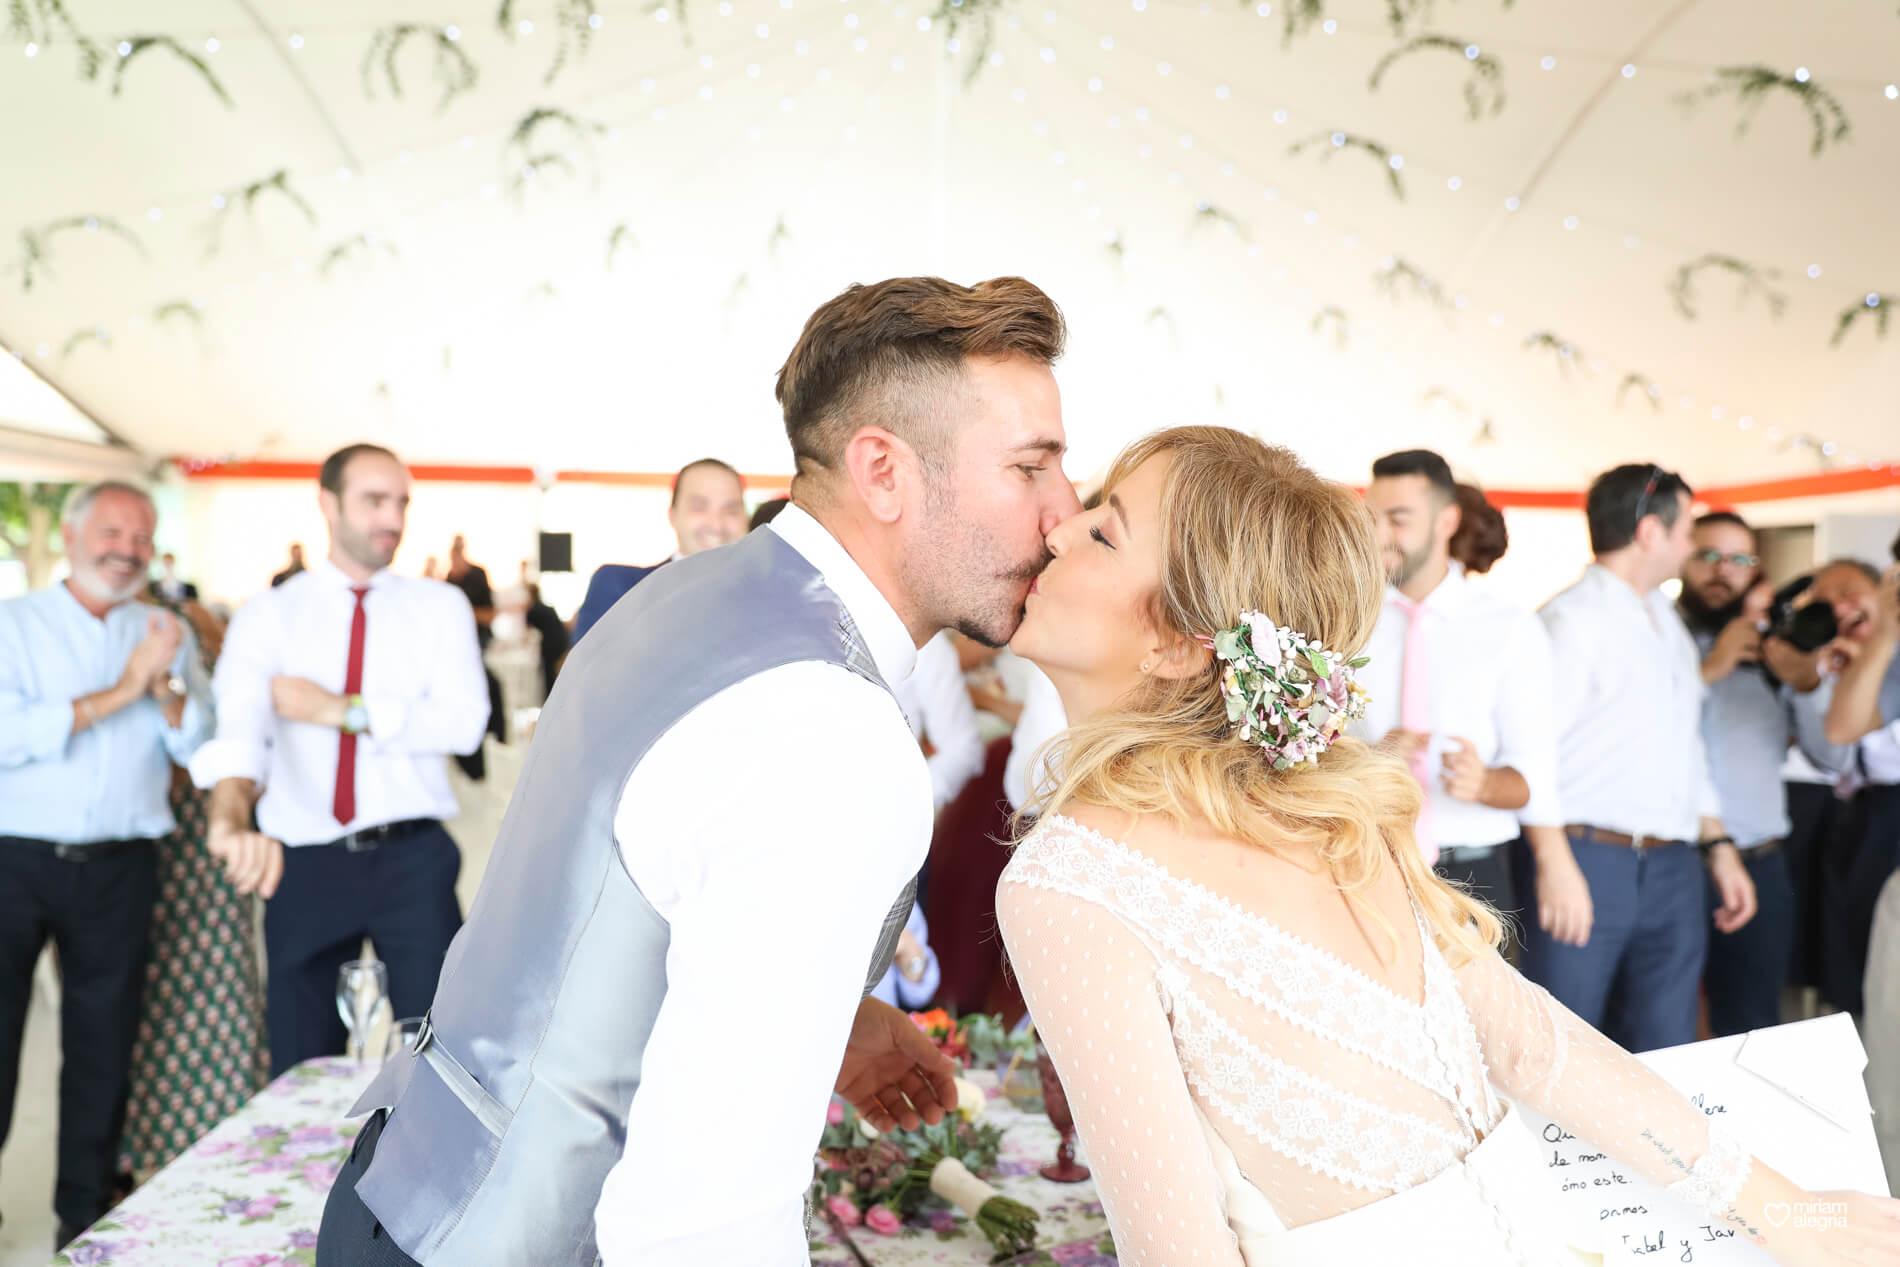 boda-en-finca-villa-vera-de-alemc7-miriam-alegria-fotografos-boda-murcia-179